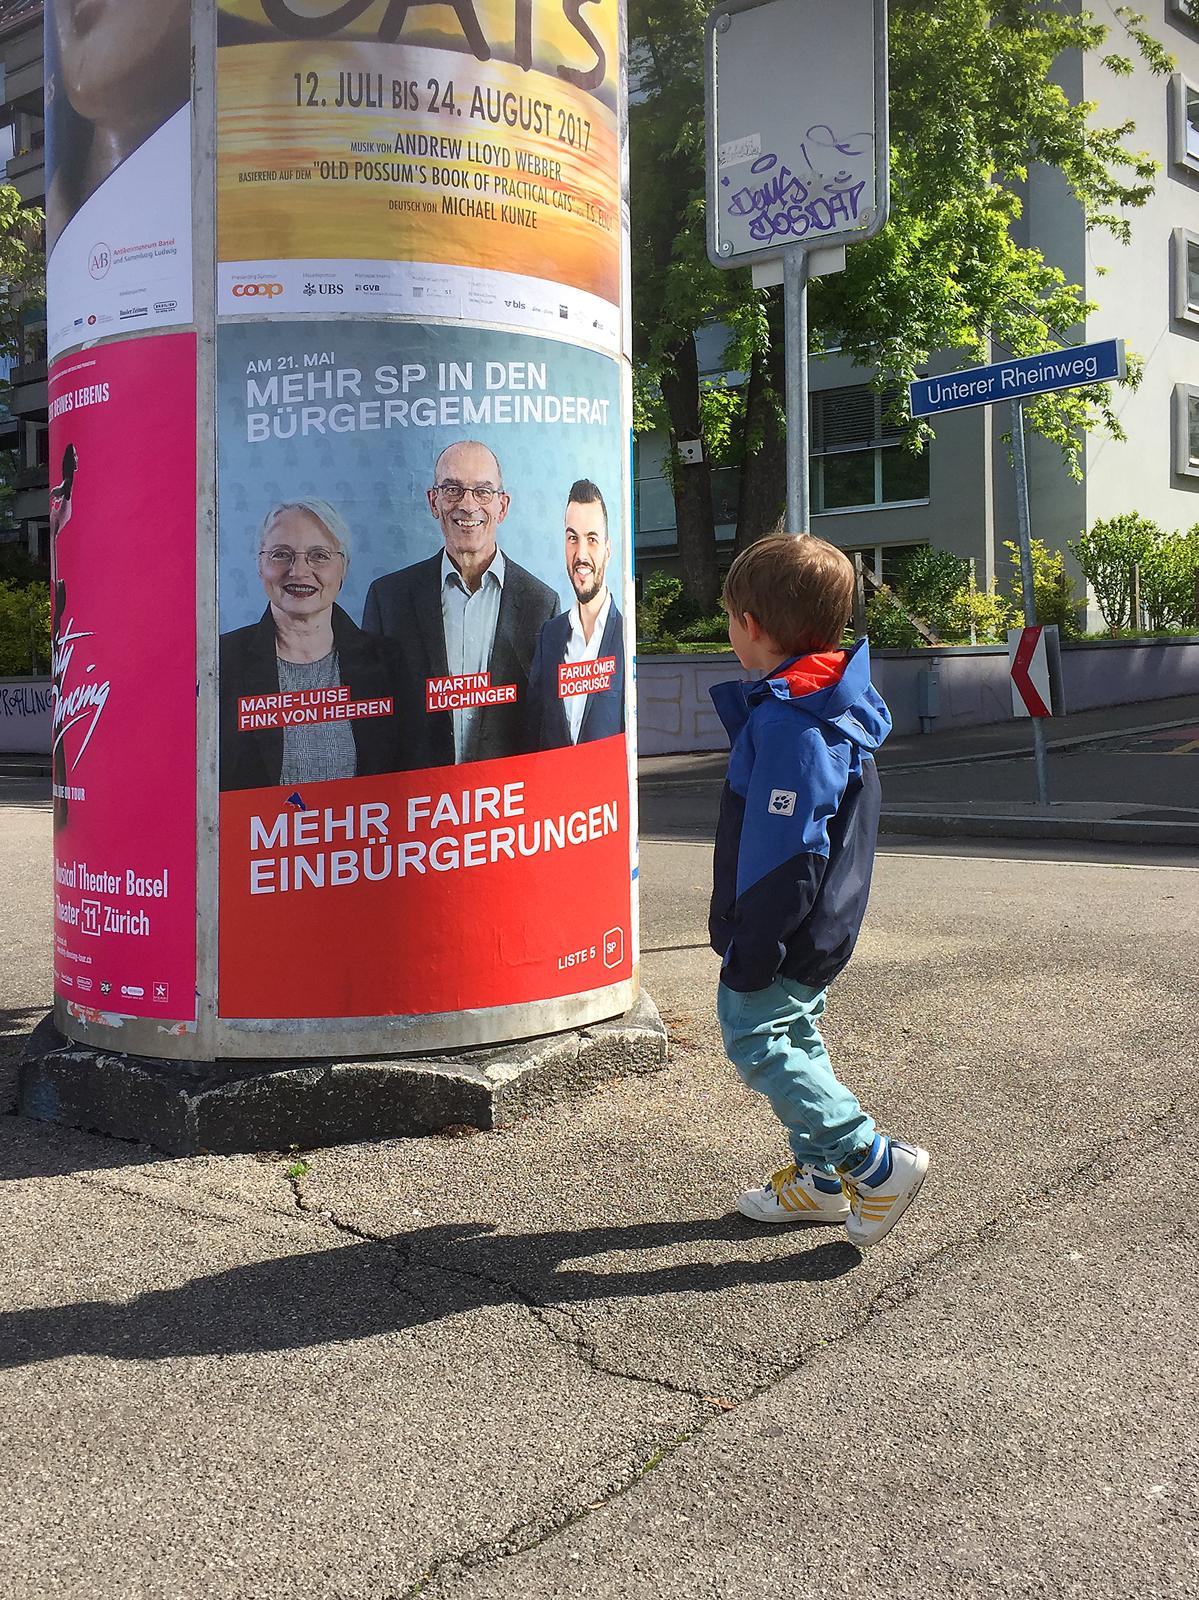 Buergergemeinde_Basel_2016